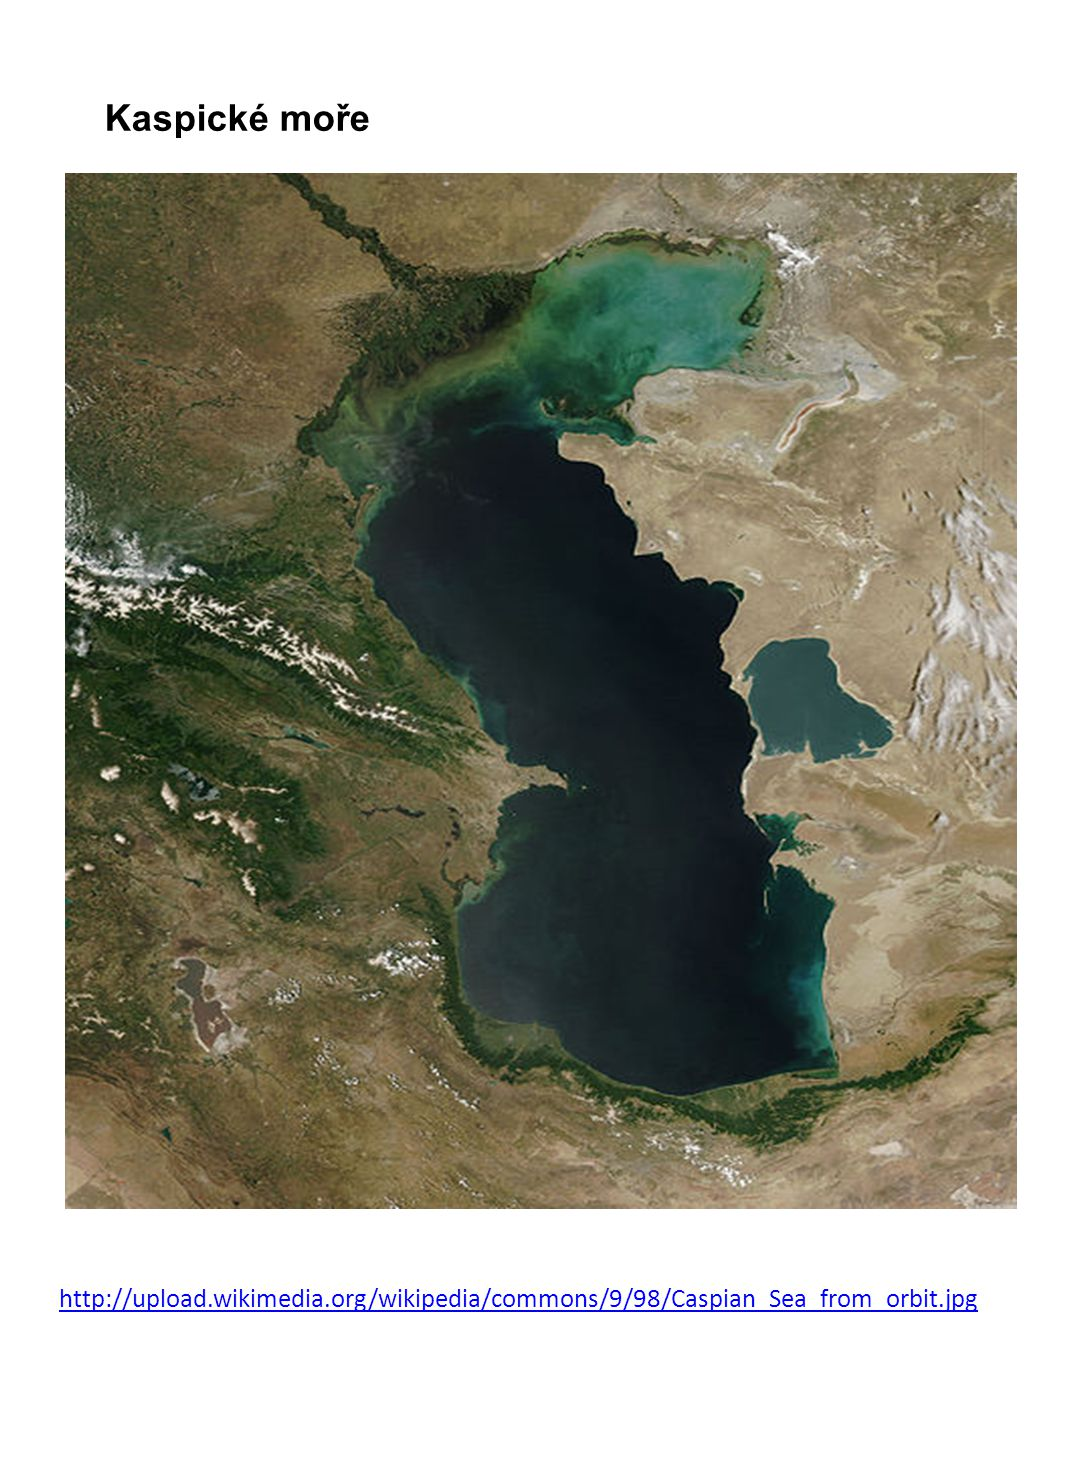 Kaspické moře http://upload.wikimedia.org/wikipedia/commons/9/98/Caspian_Sea_from_orbit.jpg